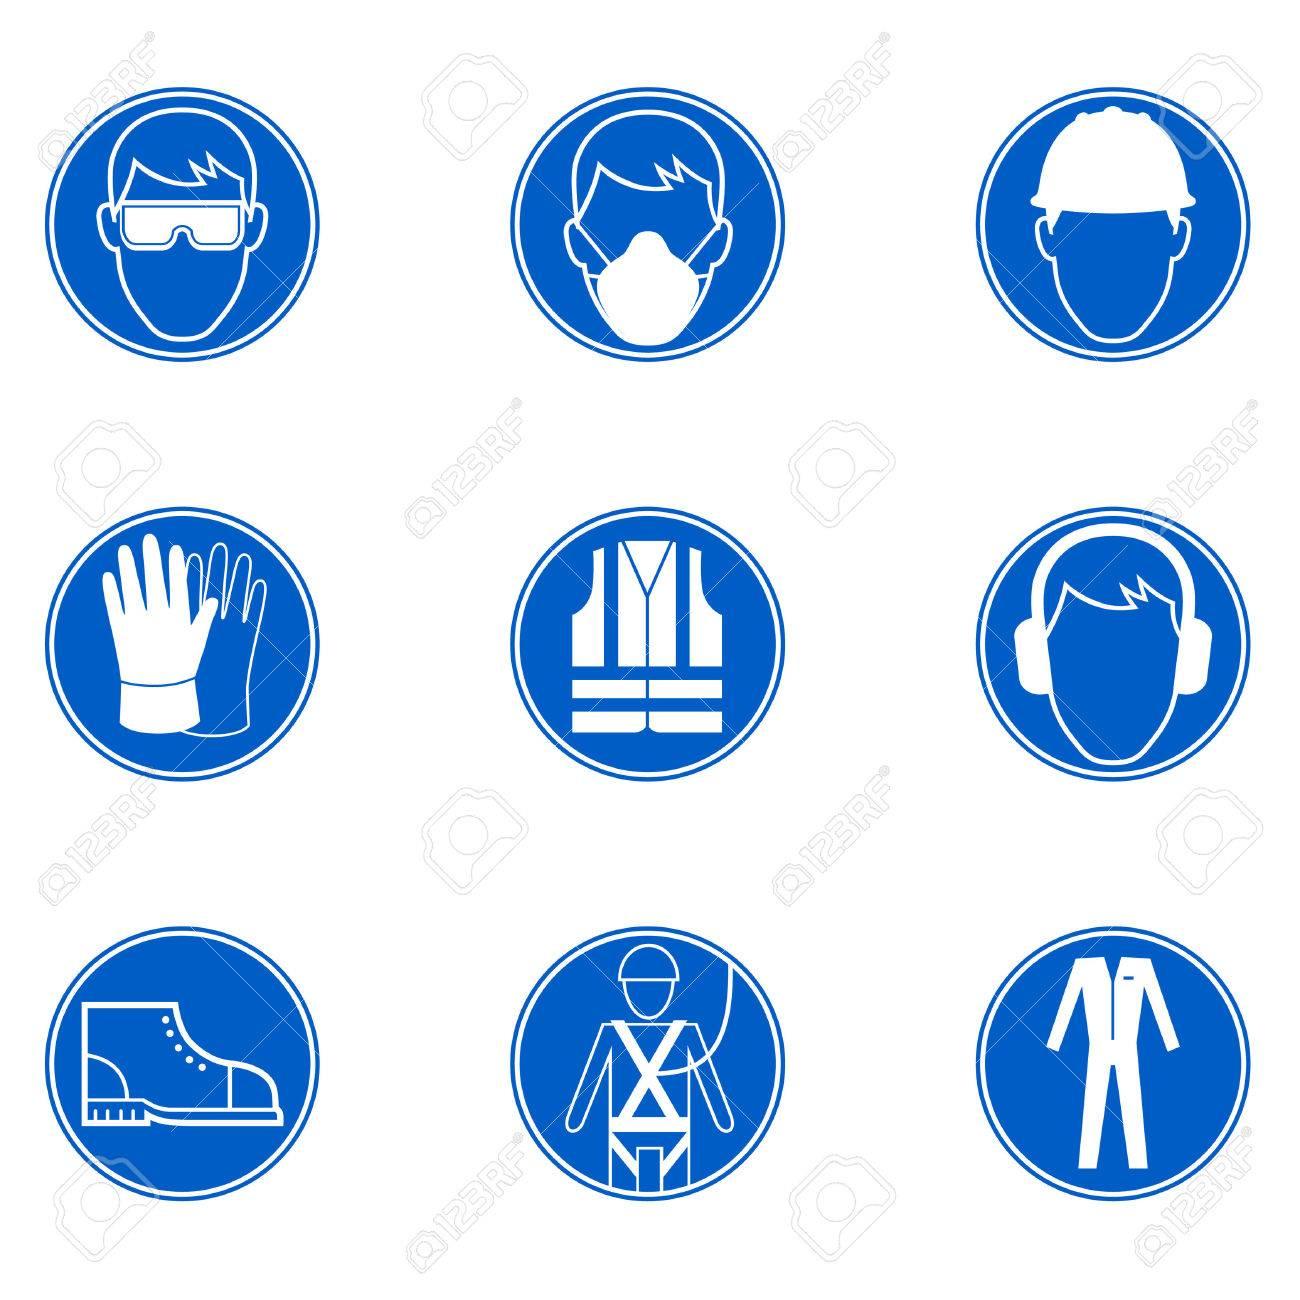 be50570f Foto de archivo - Seis señales de seguridad y protección en el trabajo